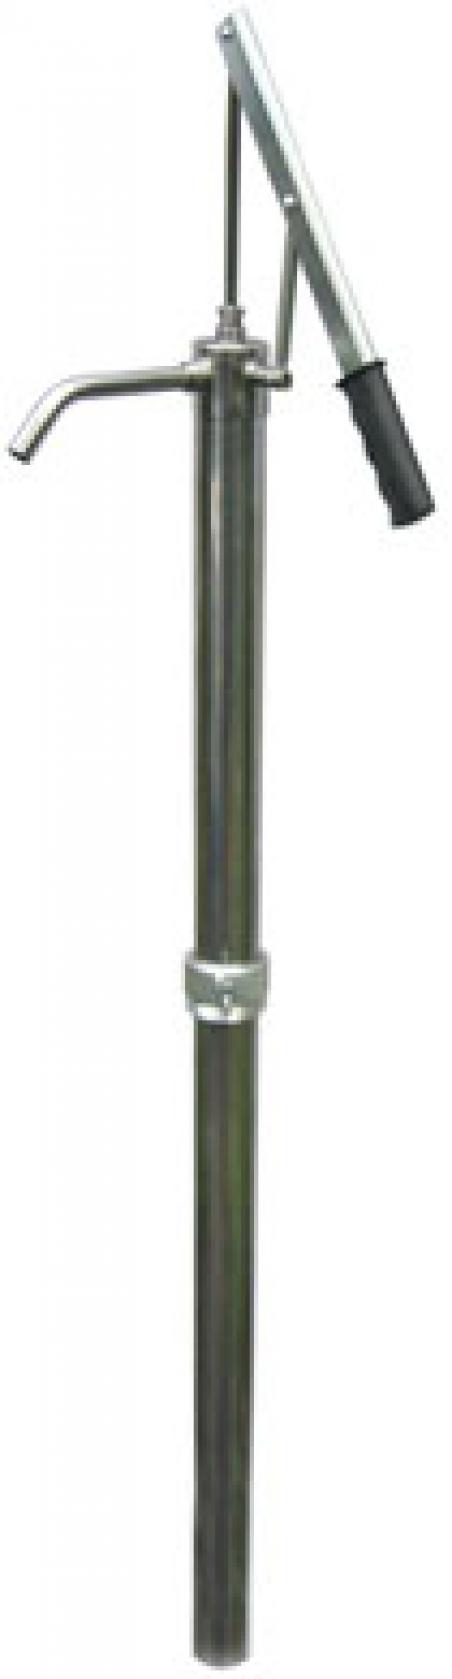 Насос бочковой универсальный НБУ 700-04